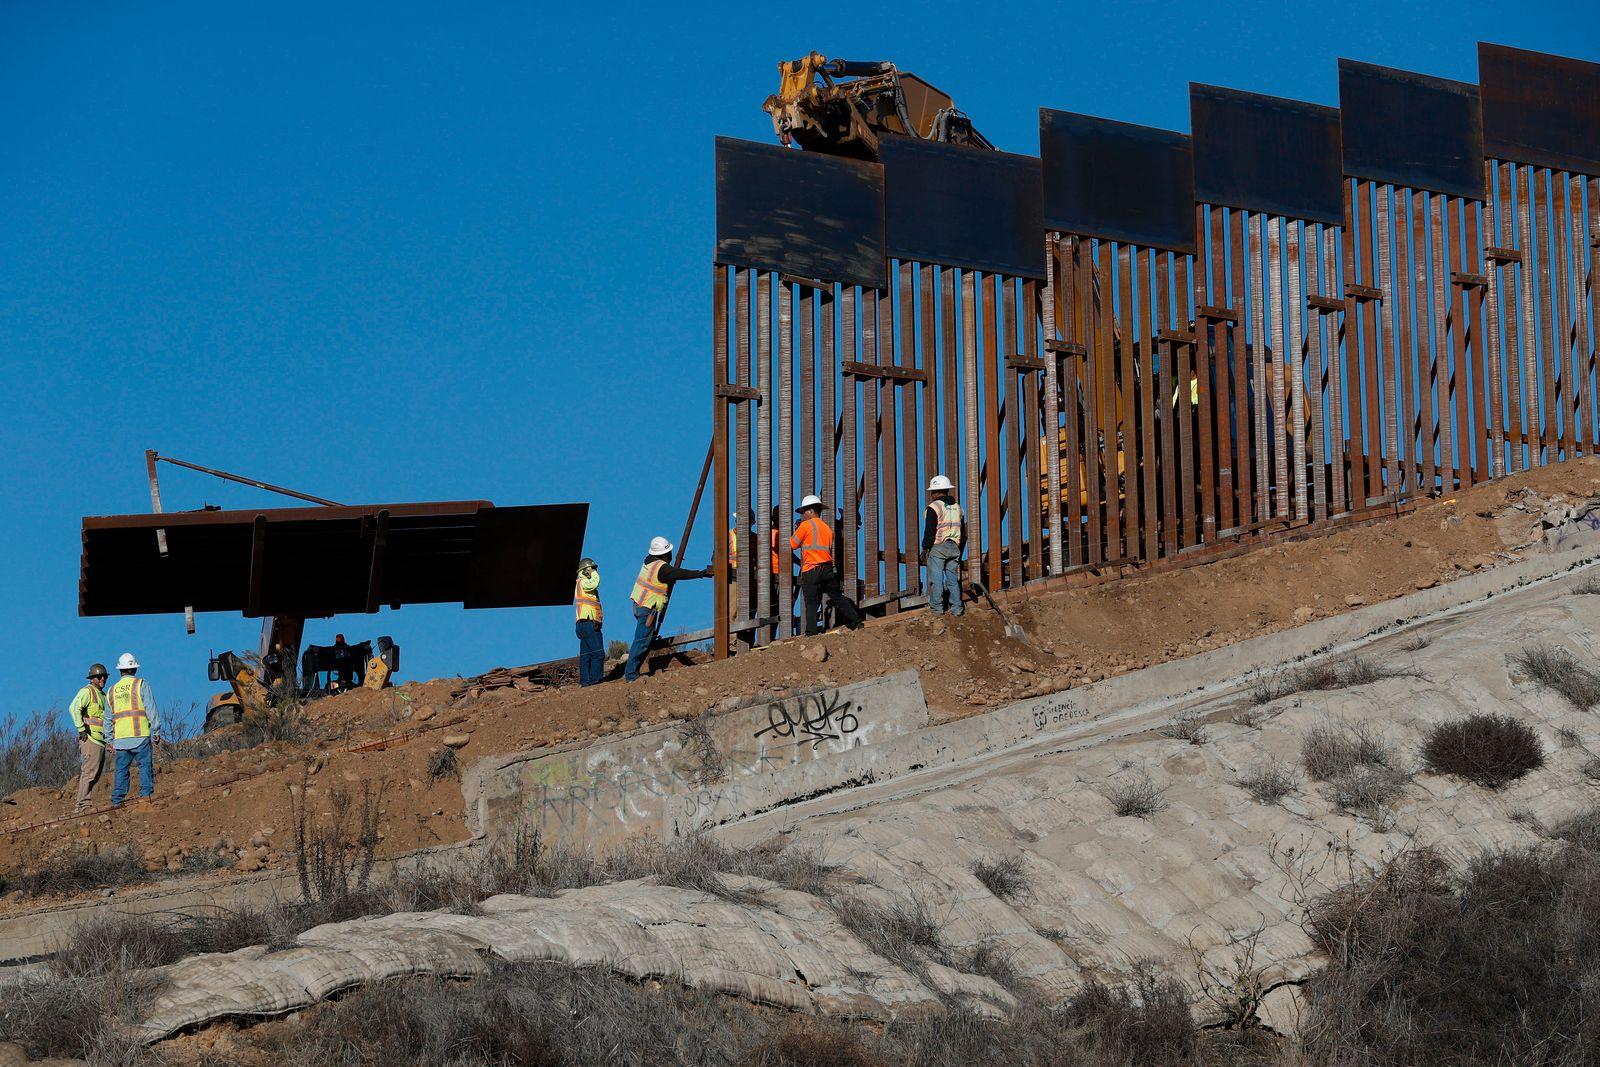 Grenze zwischen USA und Mexiko